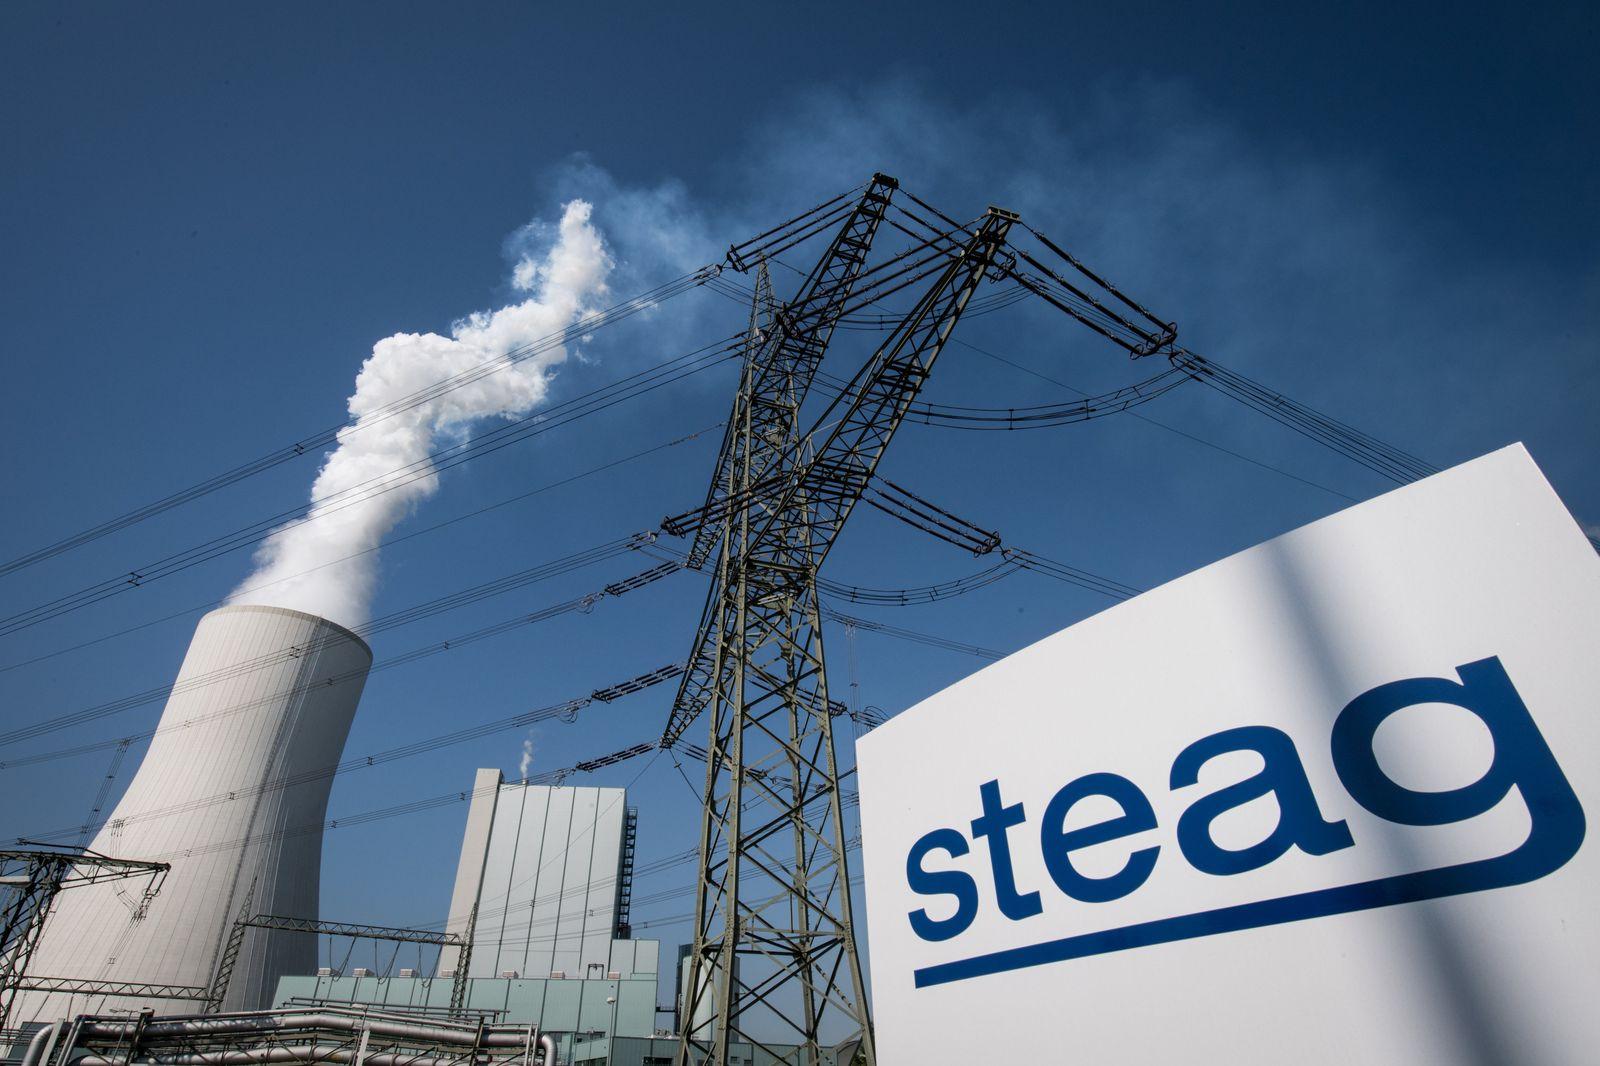 «WAZ»: Steag streicht rund 1000 Arbeitsplätze wegen Kohleausstieg